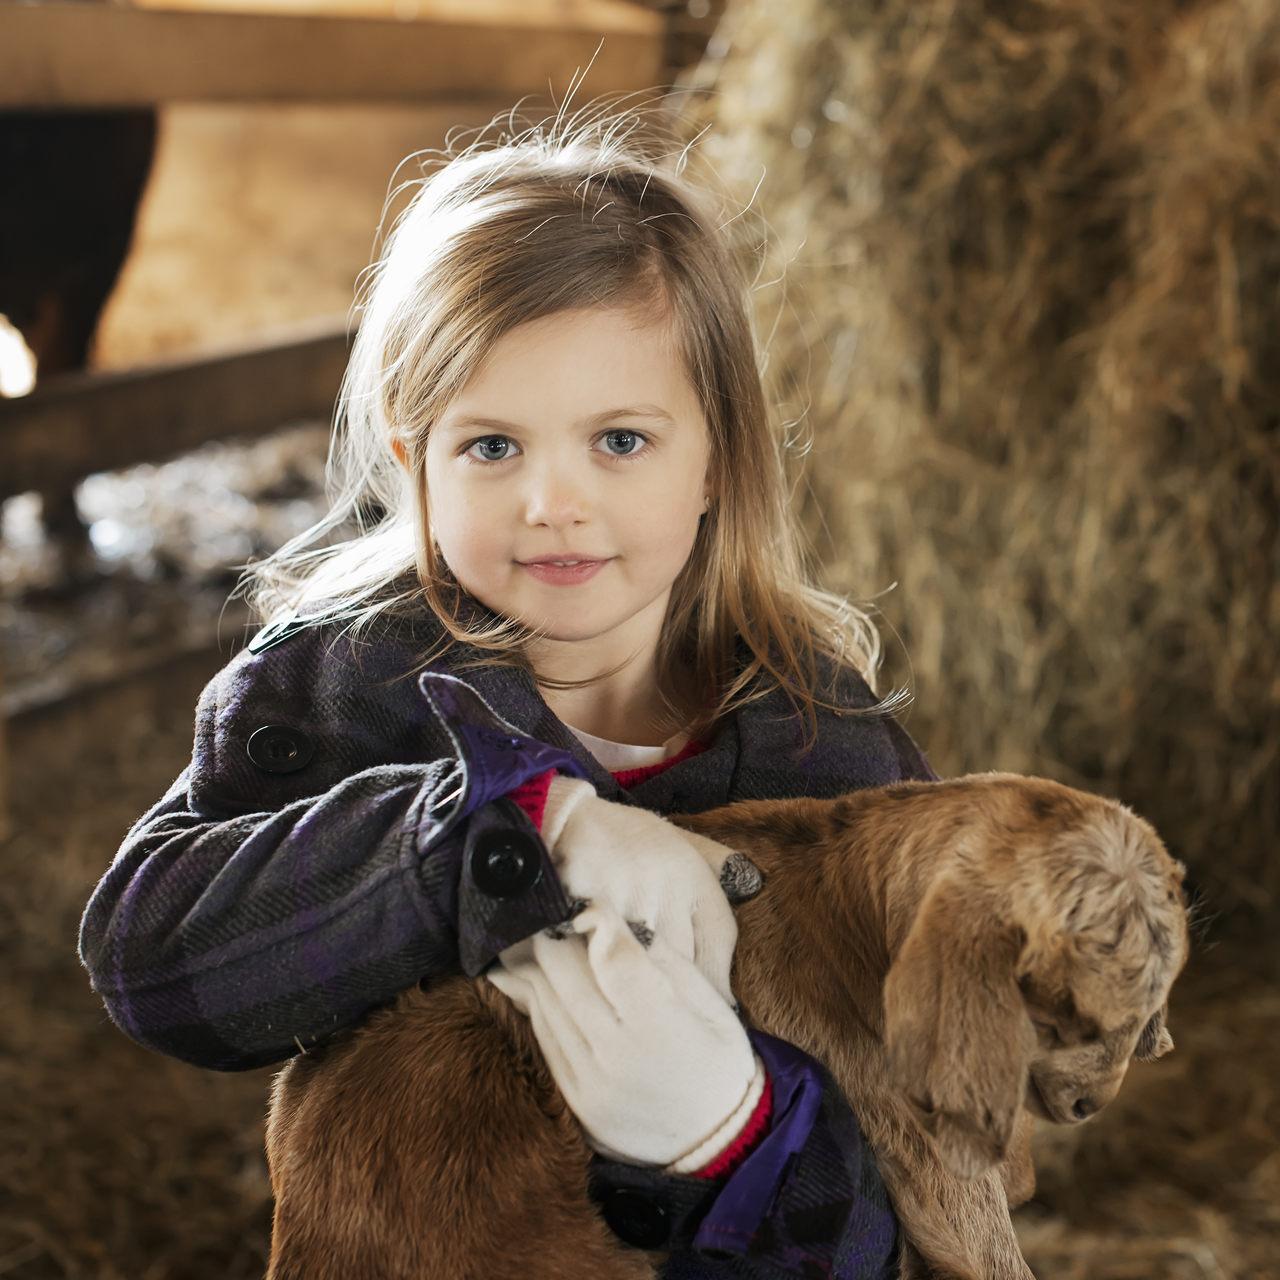 فوائد لعب طفل التوحد مع الحيوان الأليف